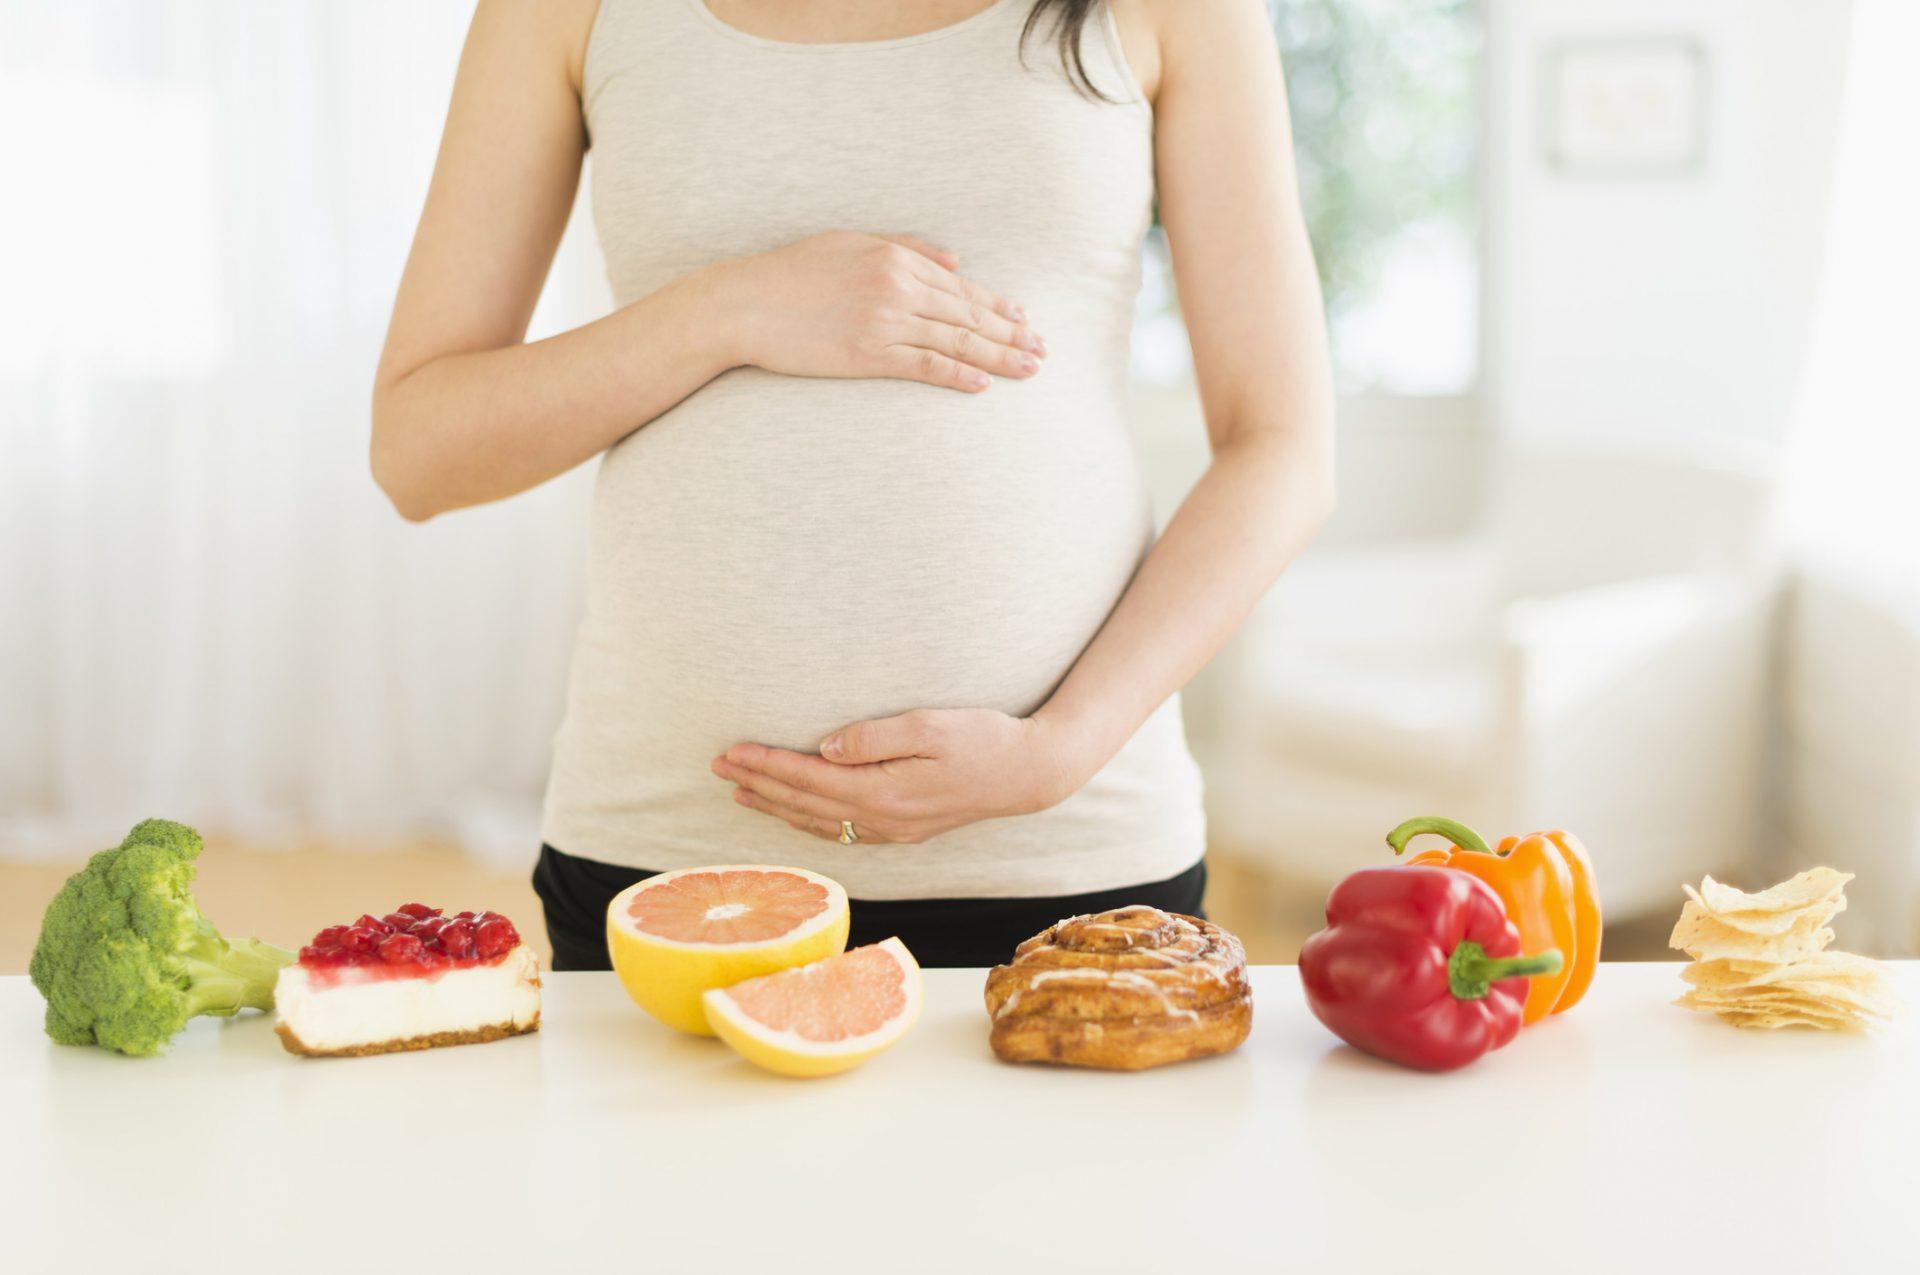 Картинки советы беременным